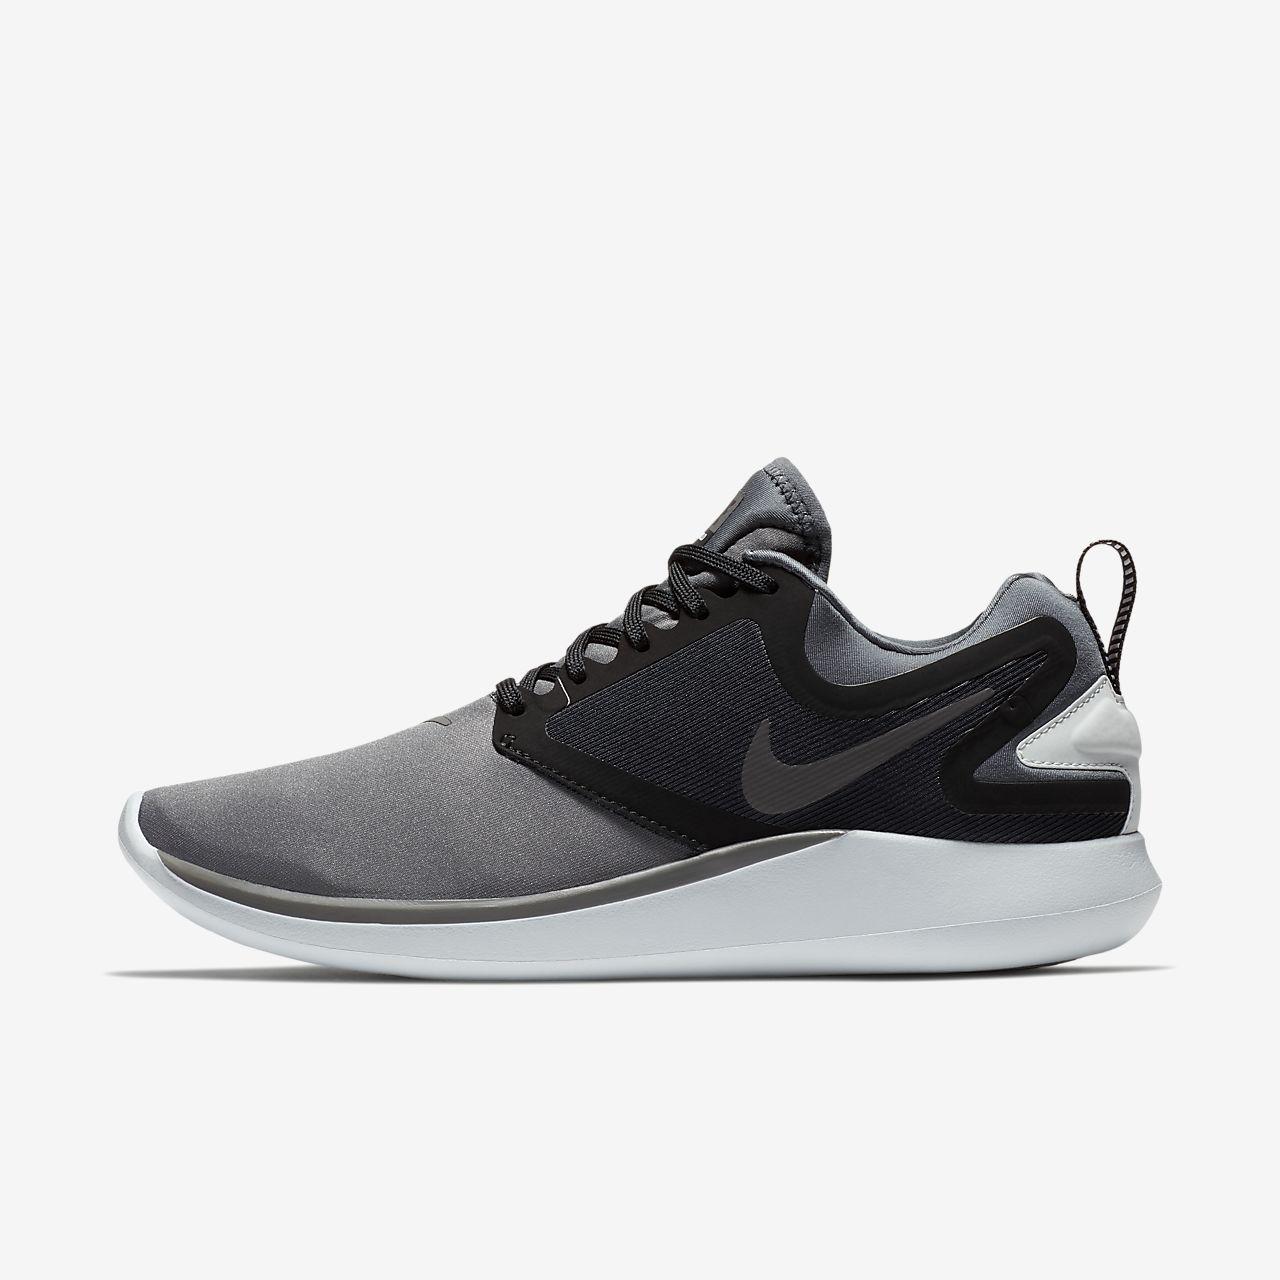 De Nike Femme Chaussures Running Gris Lunarsolo qtrB1tTa